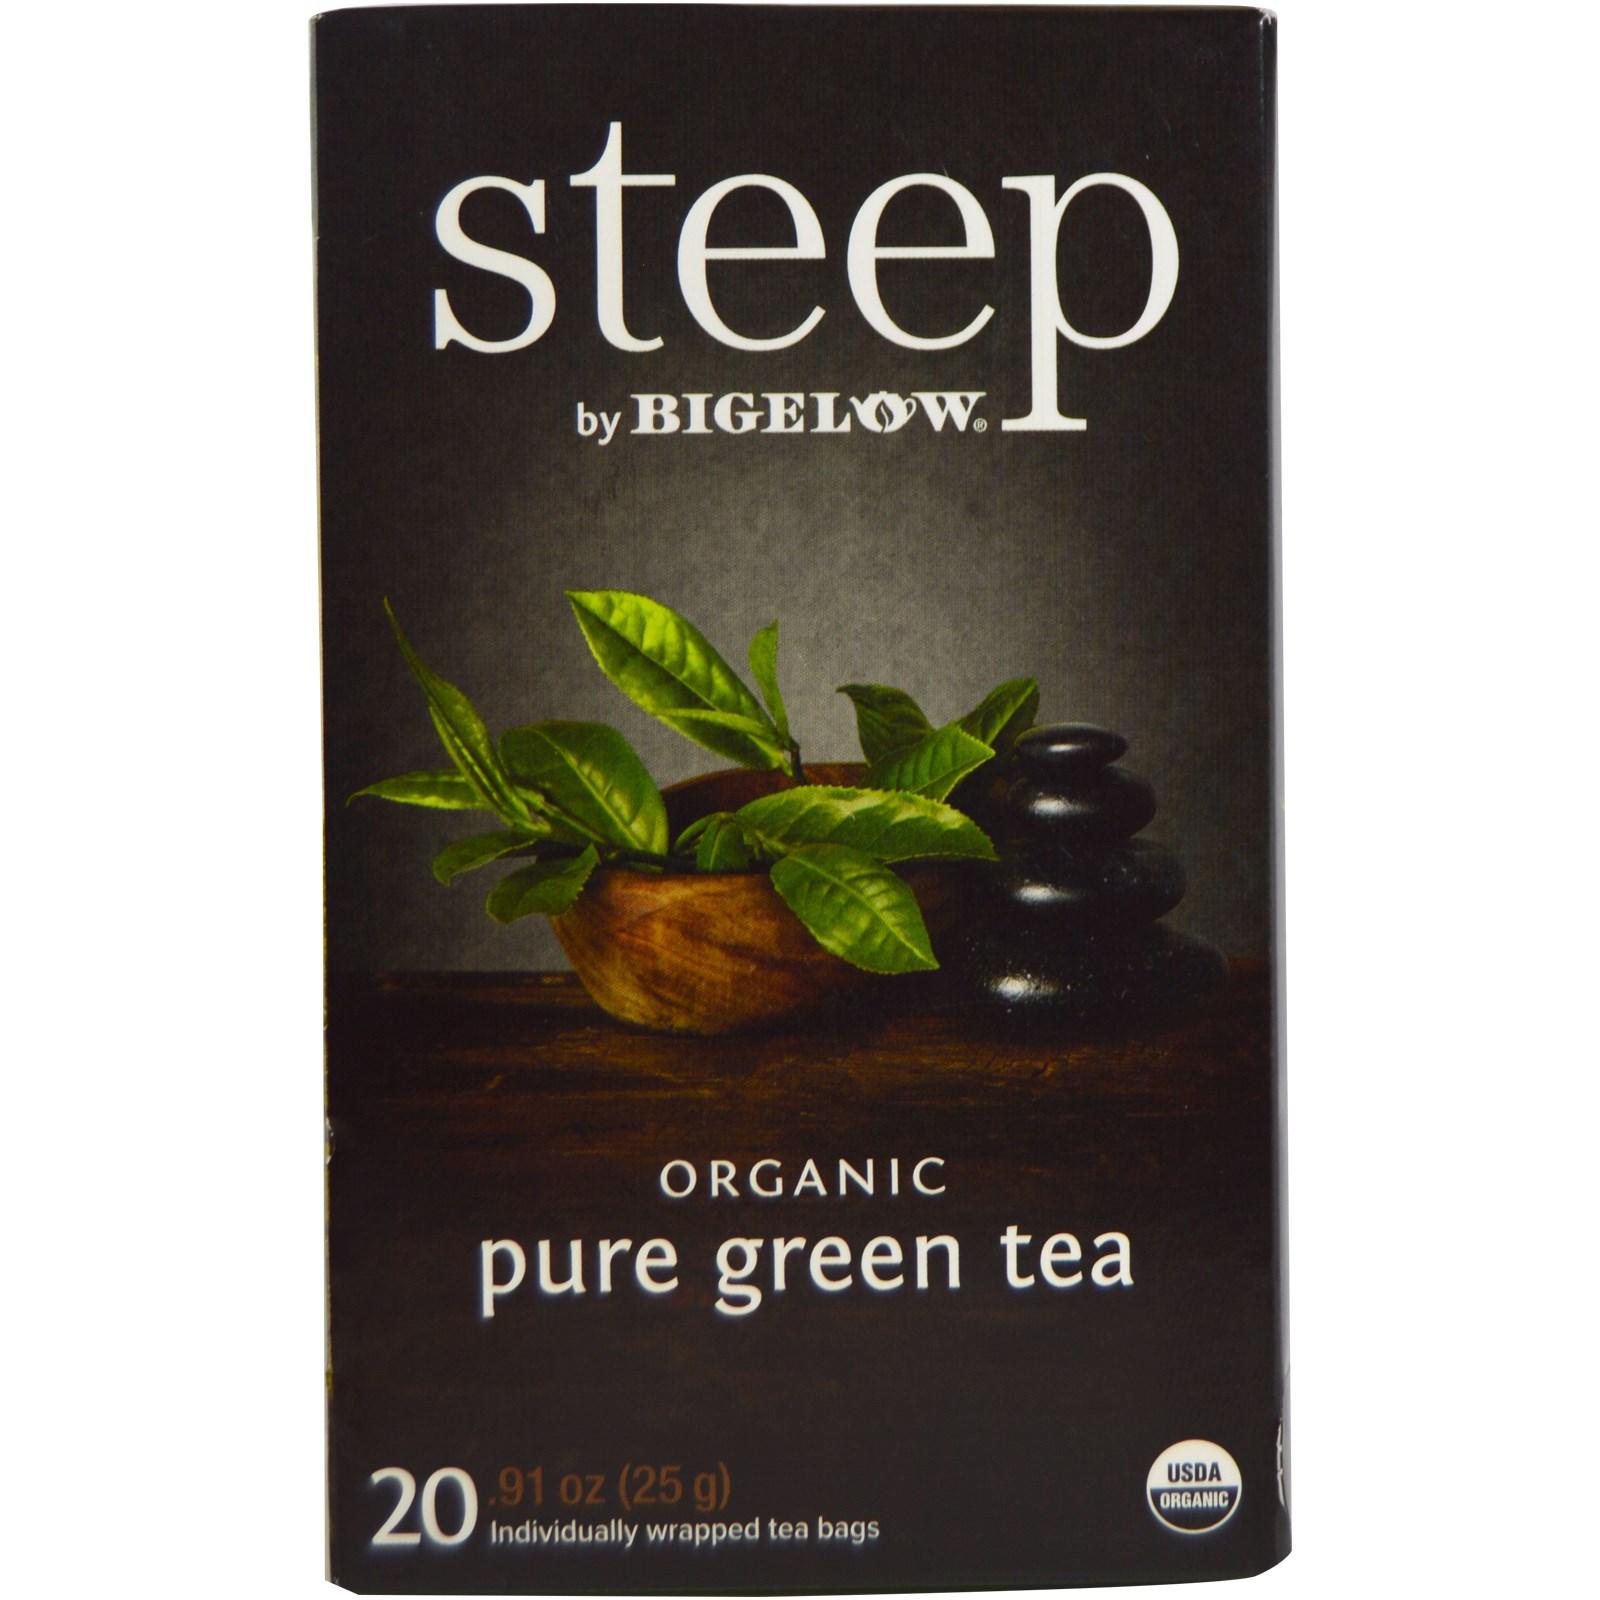 Bigelow, Стип, органический чистый зеленый чай, 20 пакетиков, 0,91 унции (25 г)